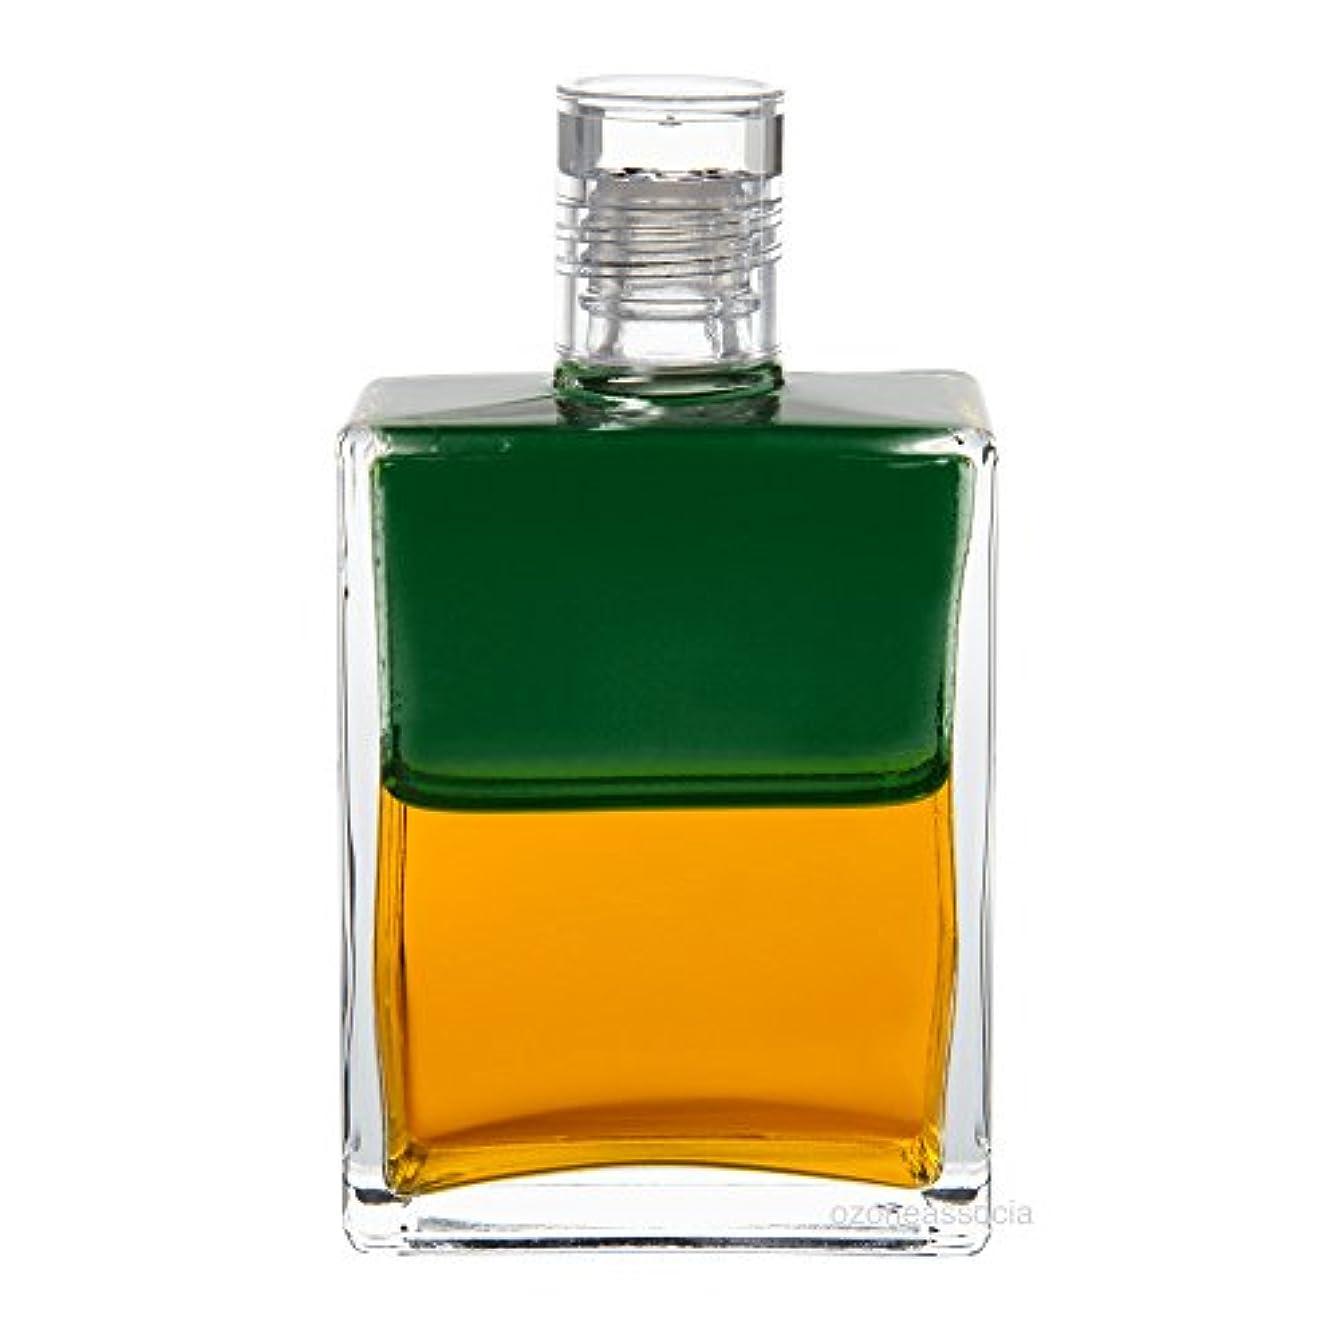 オーラソーマ ボトル 31番  泉 (グリーン/ゴールド) イクイリブリアムボトル50ml Aurasoma